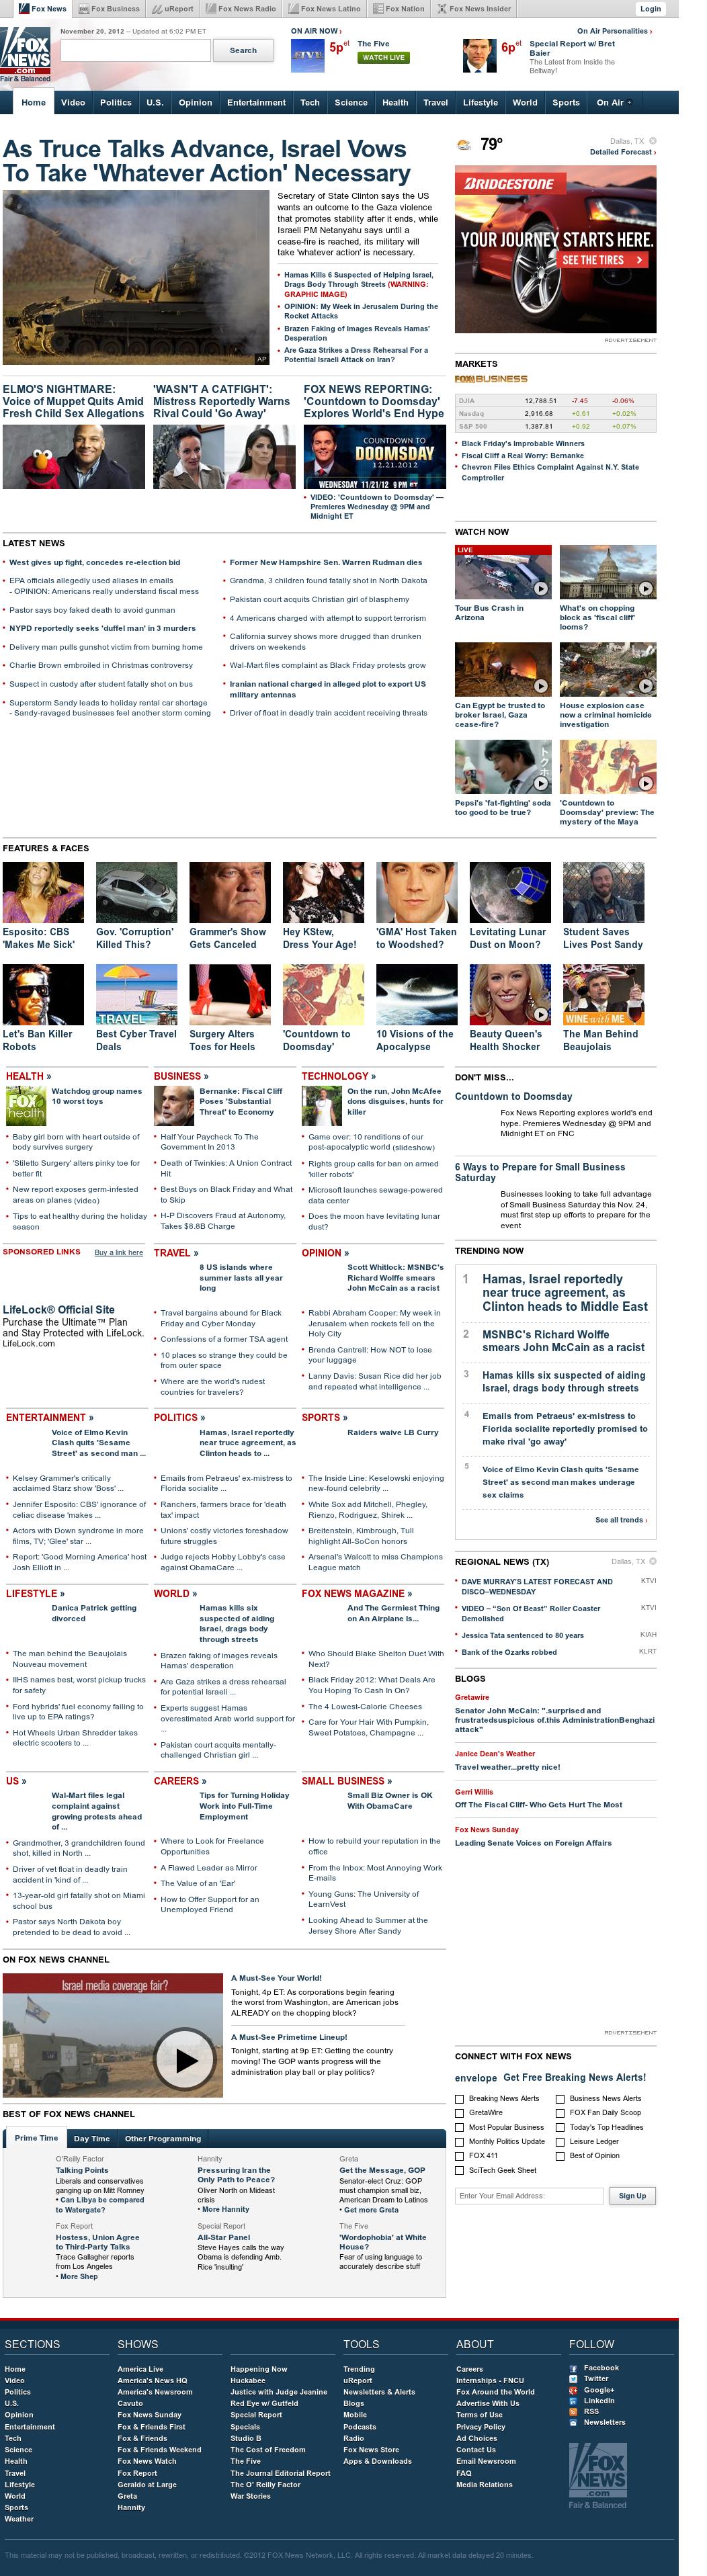 Fox News at Tuesday Nov. 20, 2012, 11:11 p.m. UTC